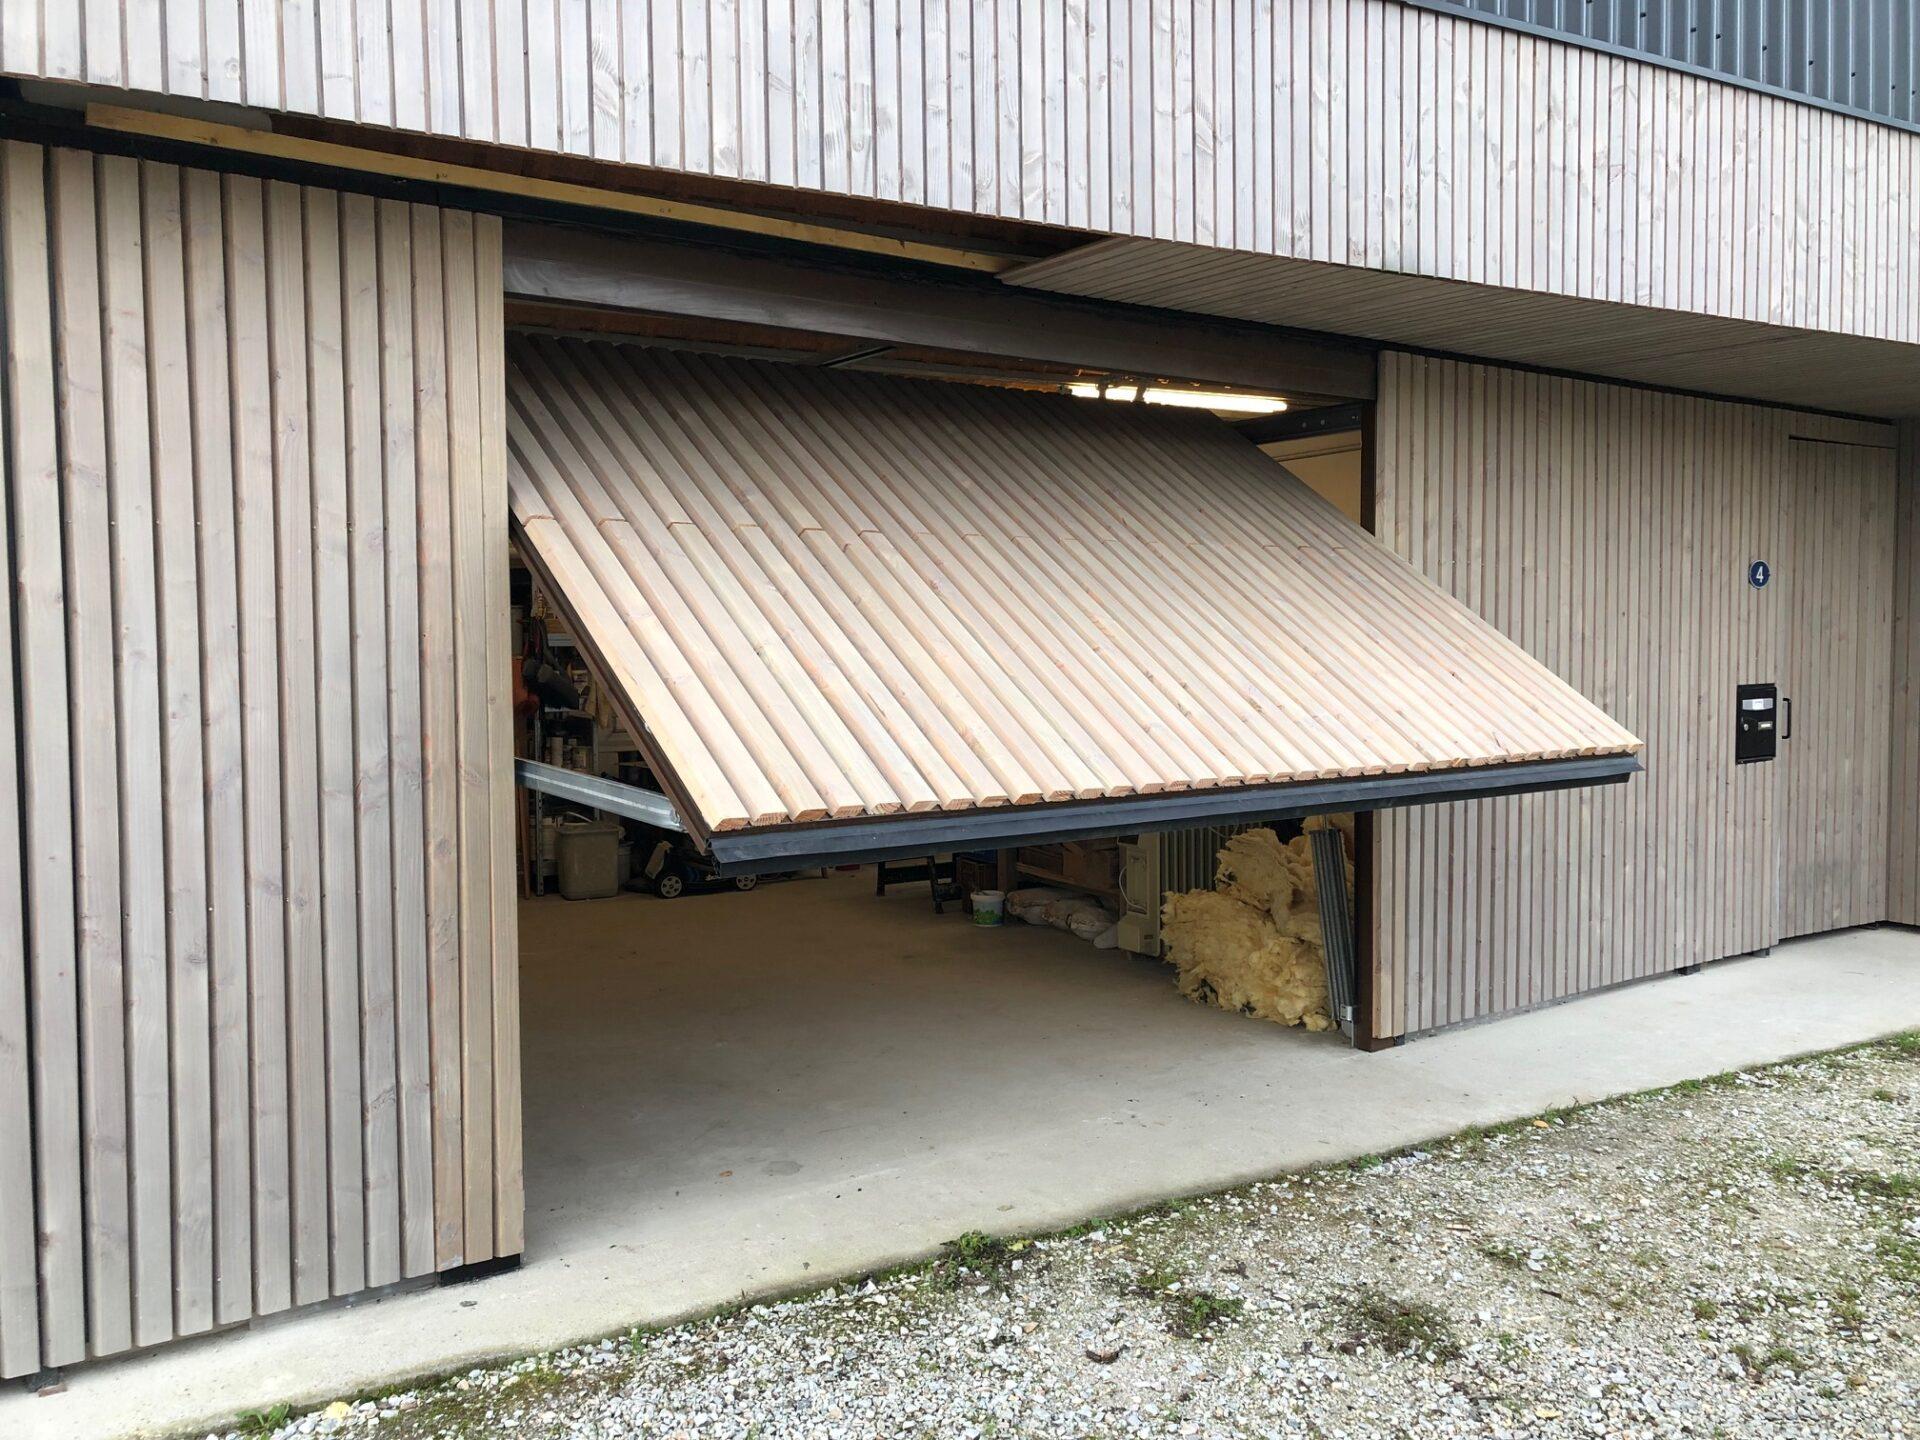 porte de garage basculante fenetres tendances toulouse - Portes de garage basculantes